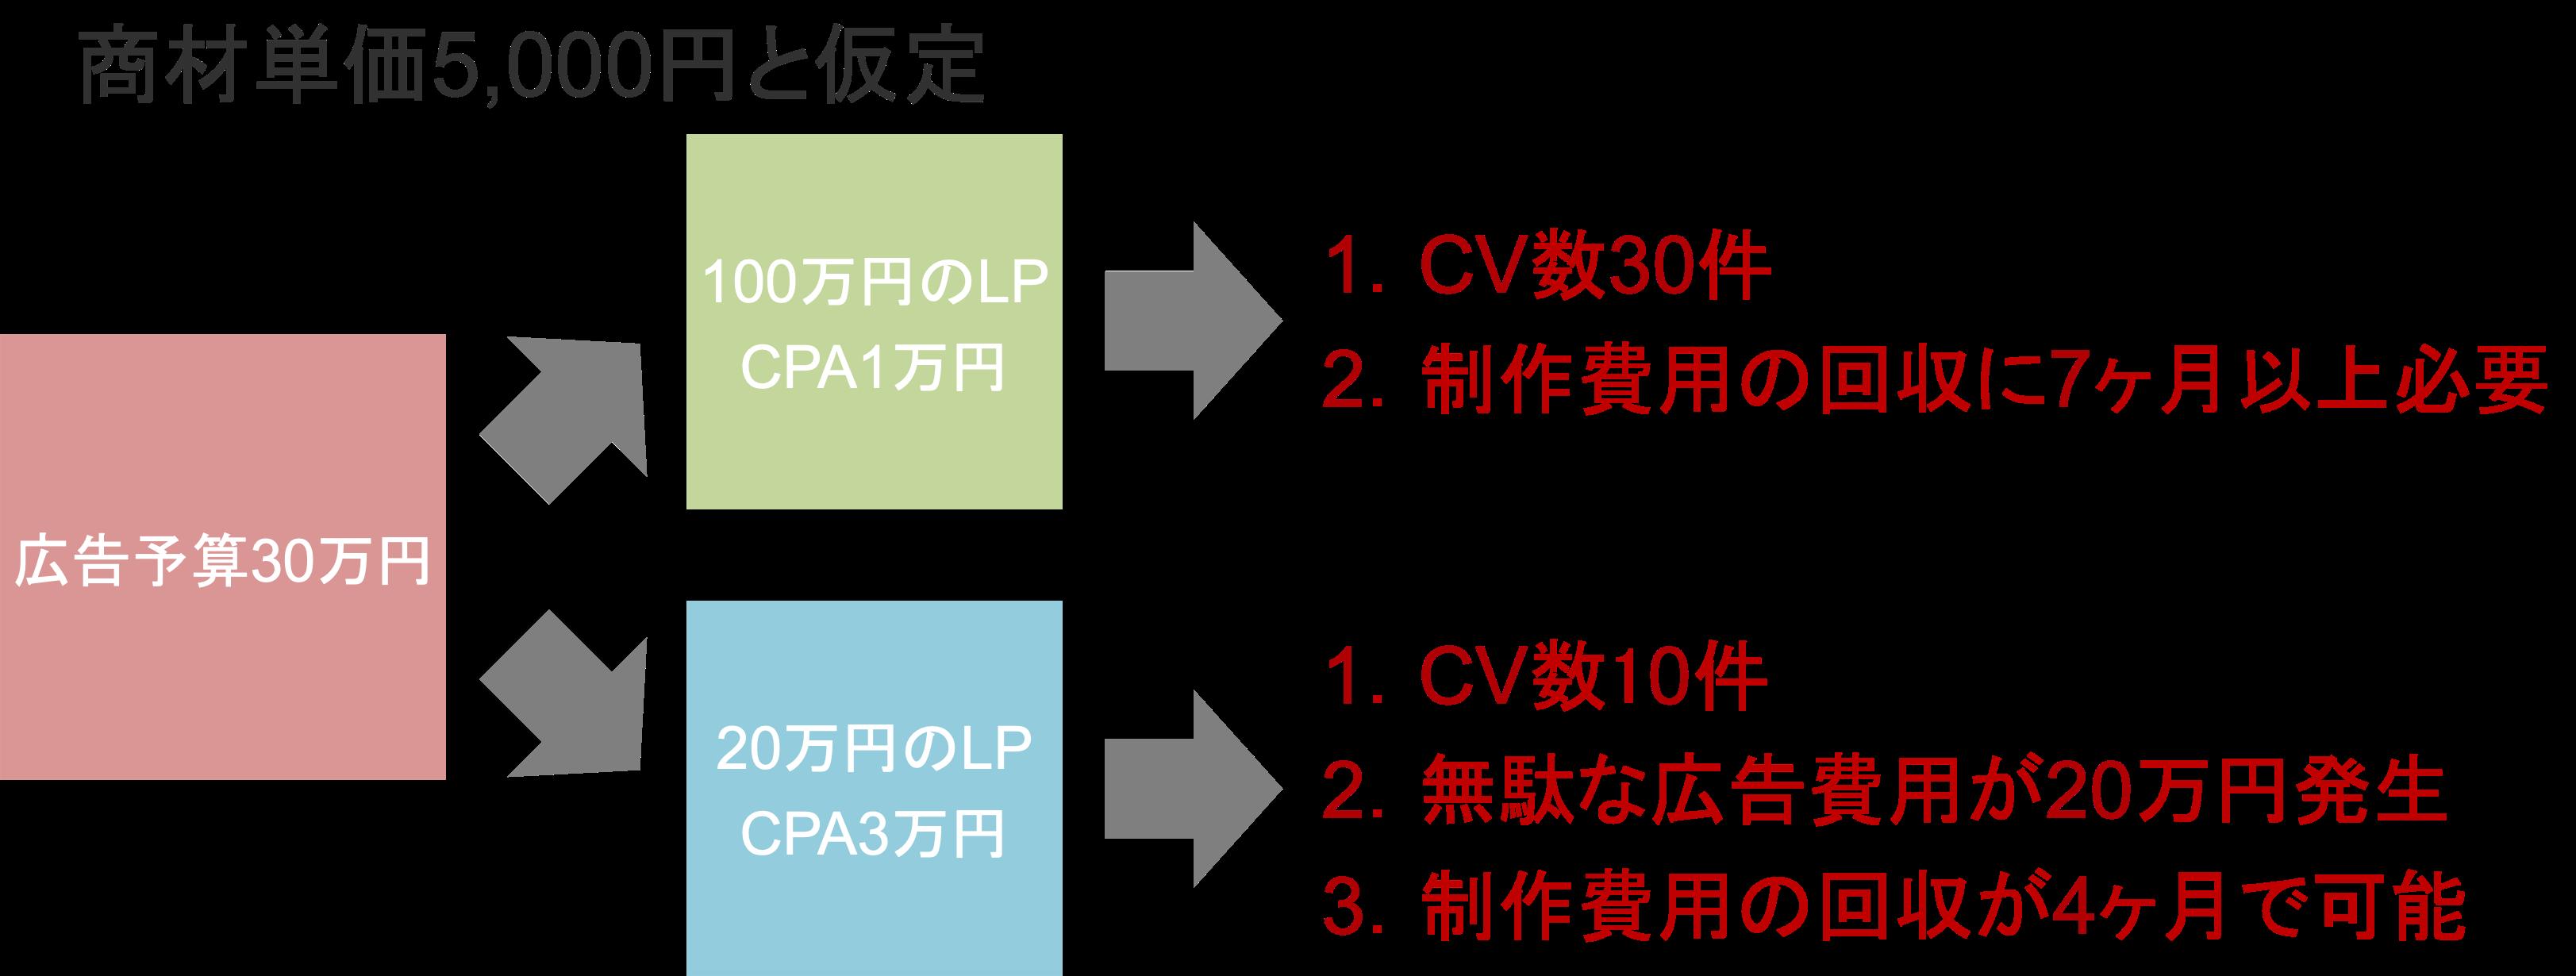 広告予算に対するLP制作費用別のメリット・デメリットの具体例